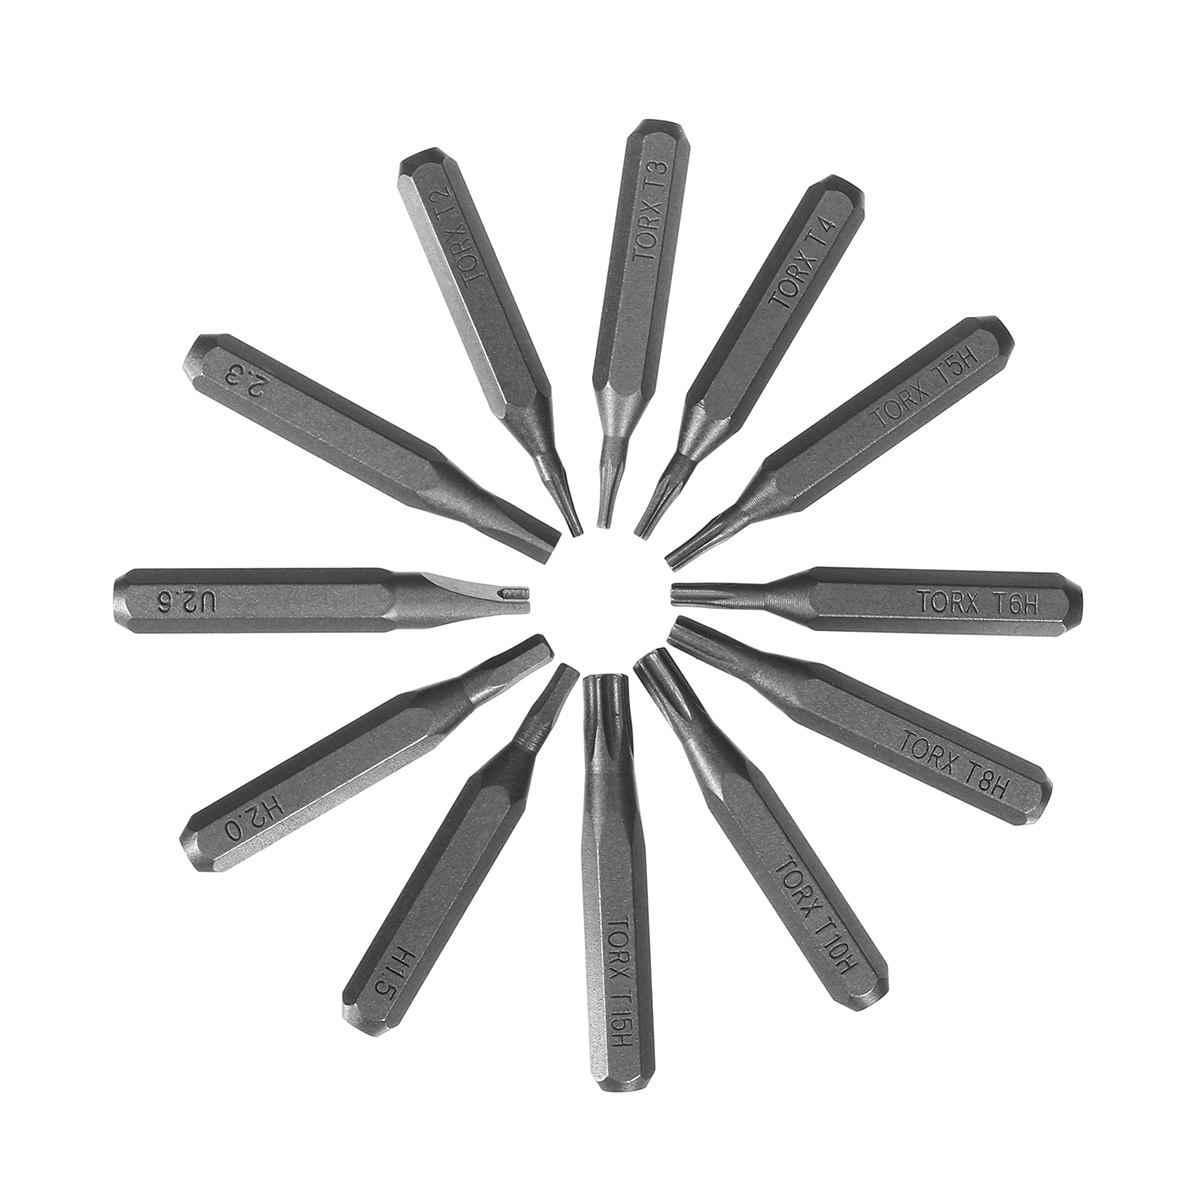 Xiaomi Mijia Wiha 24 in 1 Precision Screw Driver Kit Magnetic Bits Car Home Repair Kit DIY Repair Tools with Alluminum Box